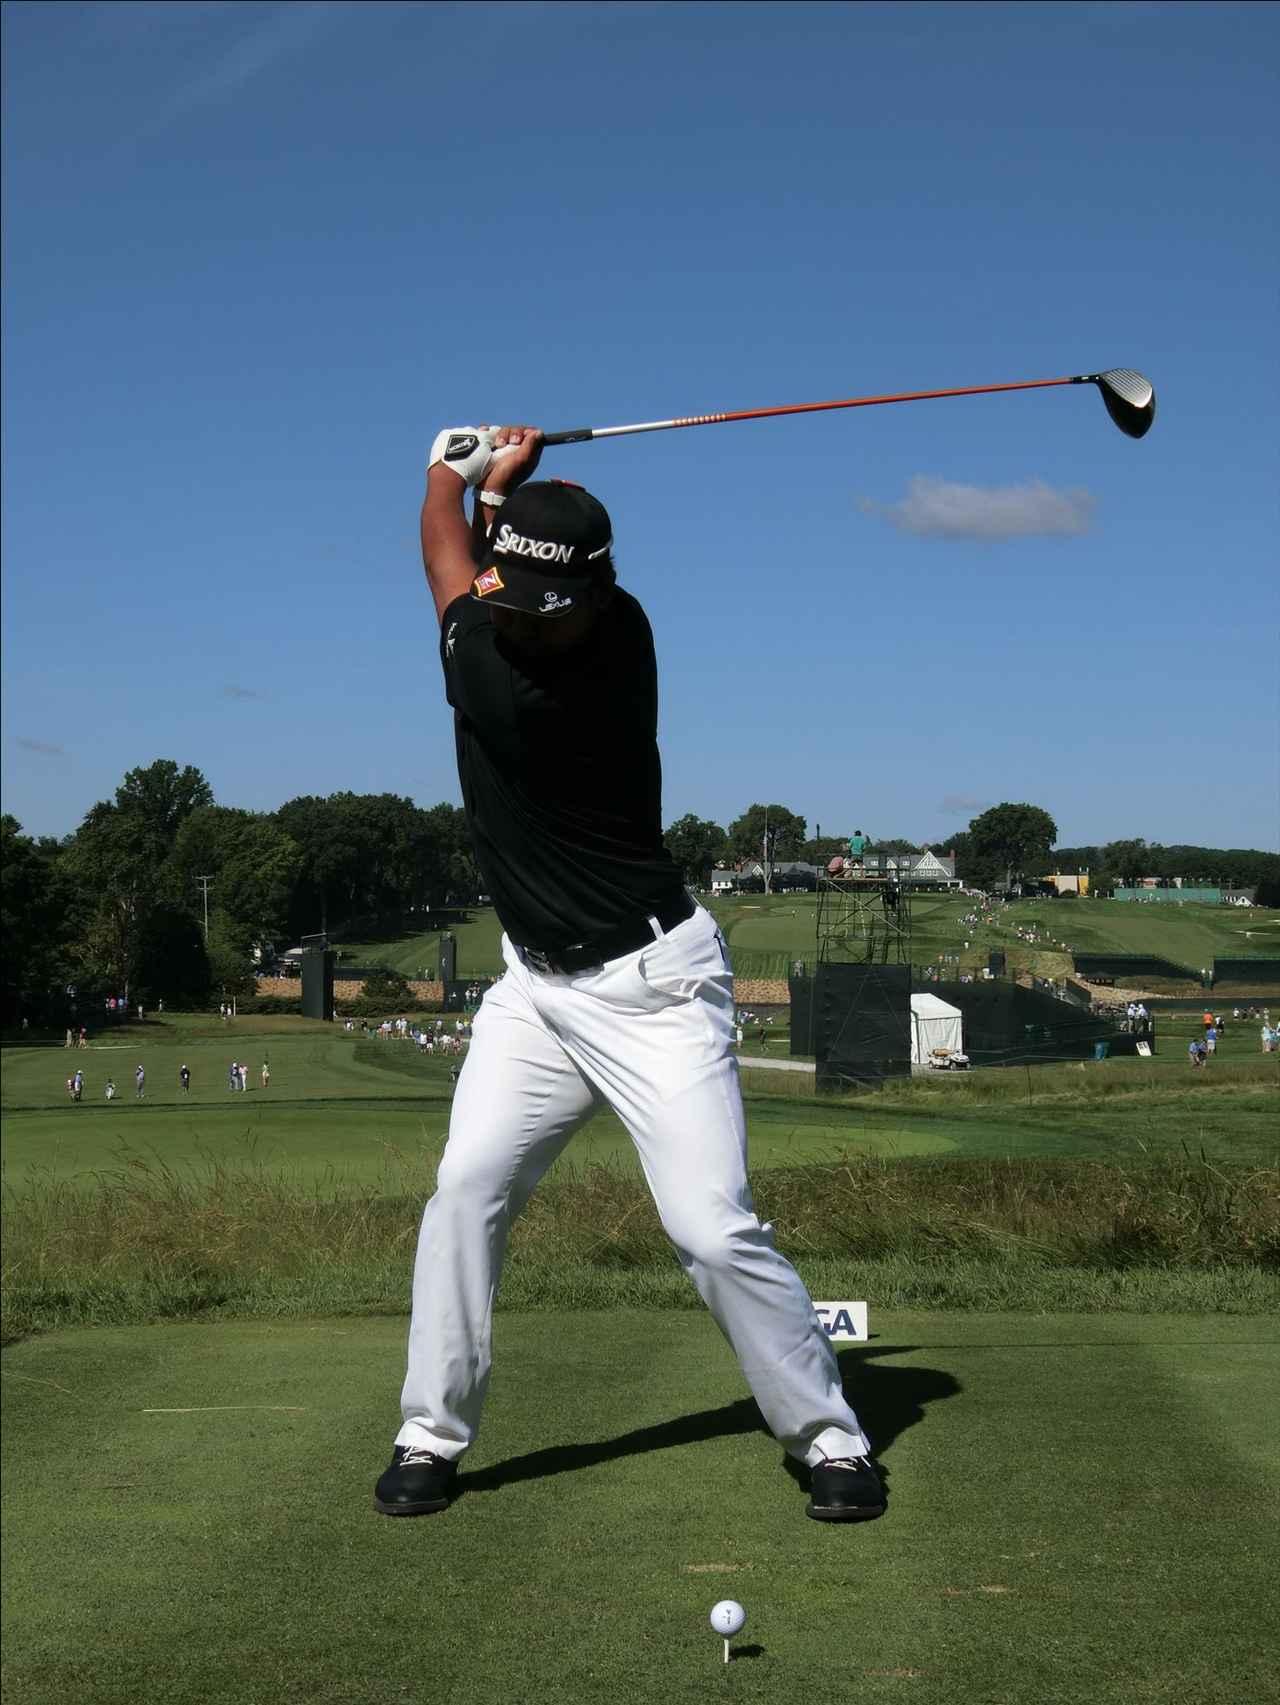 画像4: PGAの主役を小平智がスウィング解説「松山英樹のトップがイチ押し」